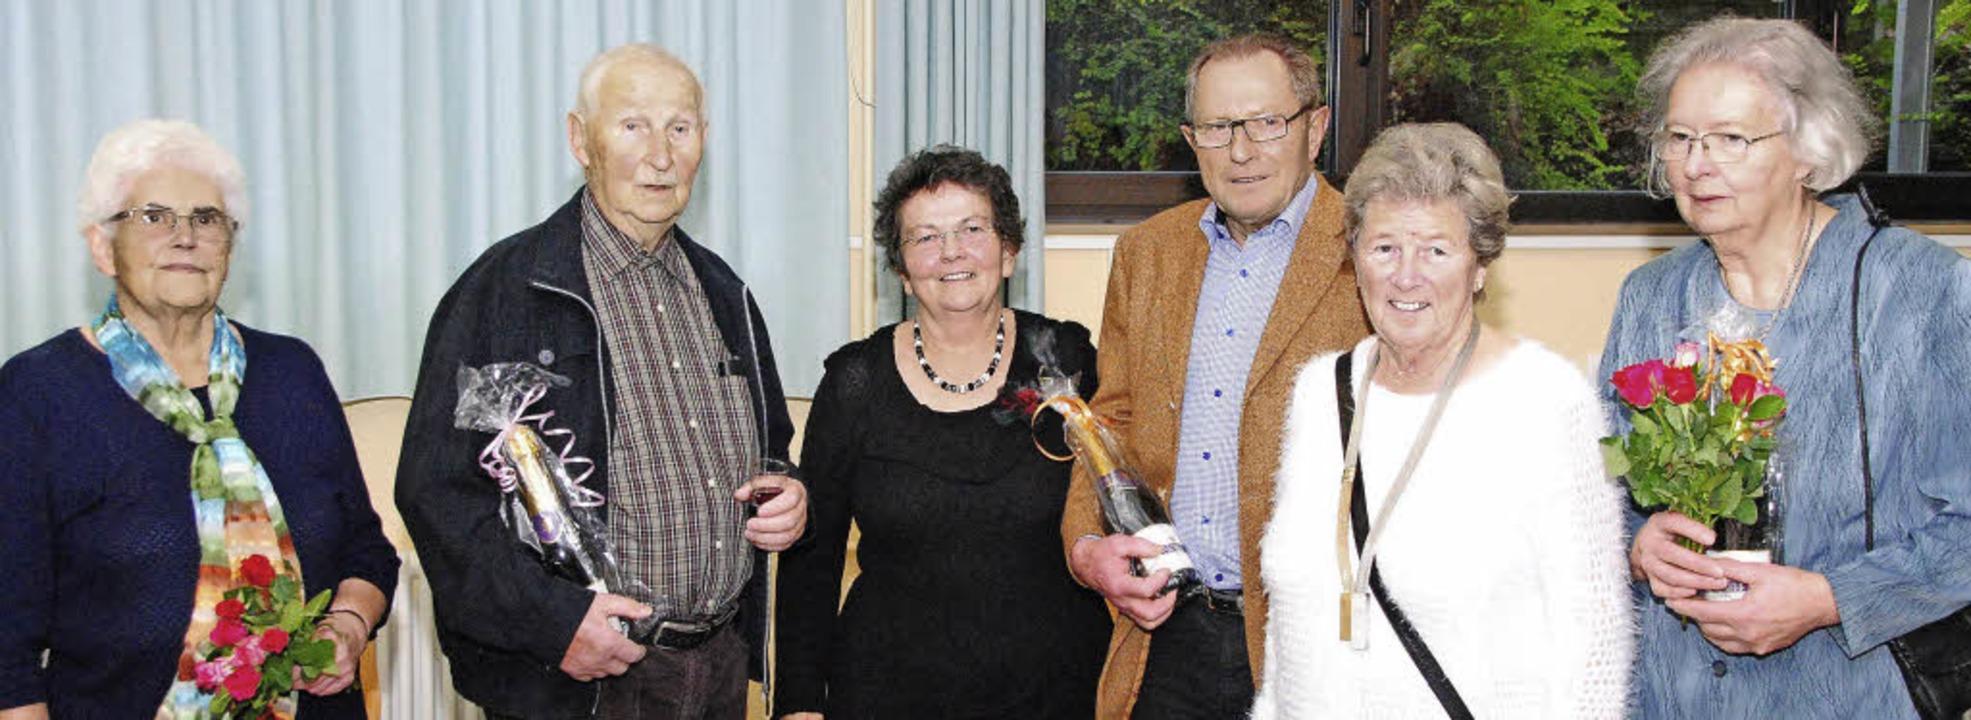 Ortsvorsteherin Helene Brombacher (Dri...der Pflege des Blumenschmucks im Ort.   | Foto: Sedlak